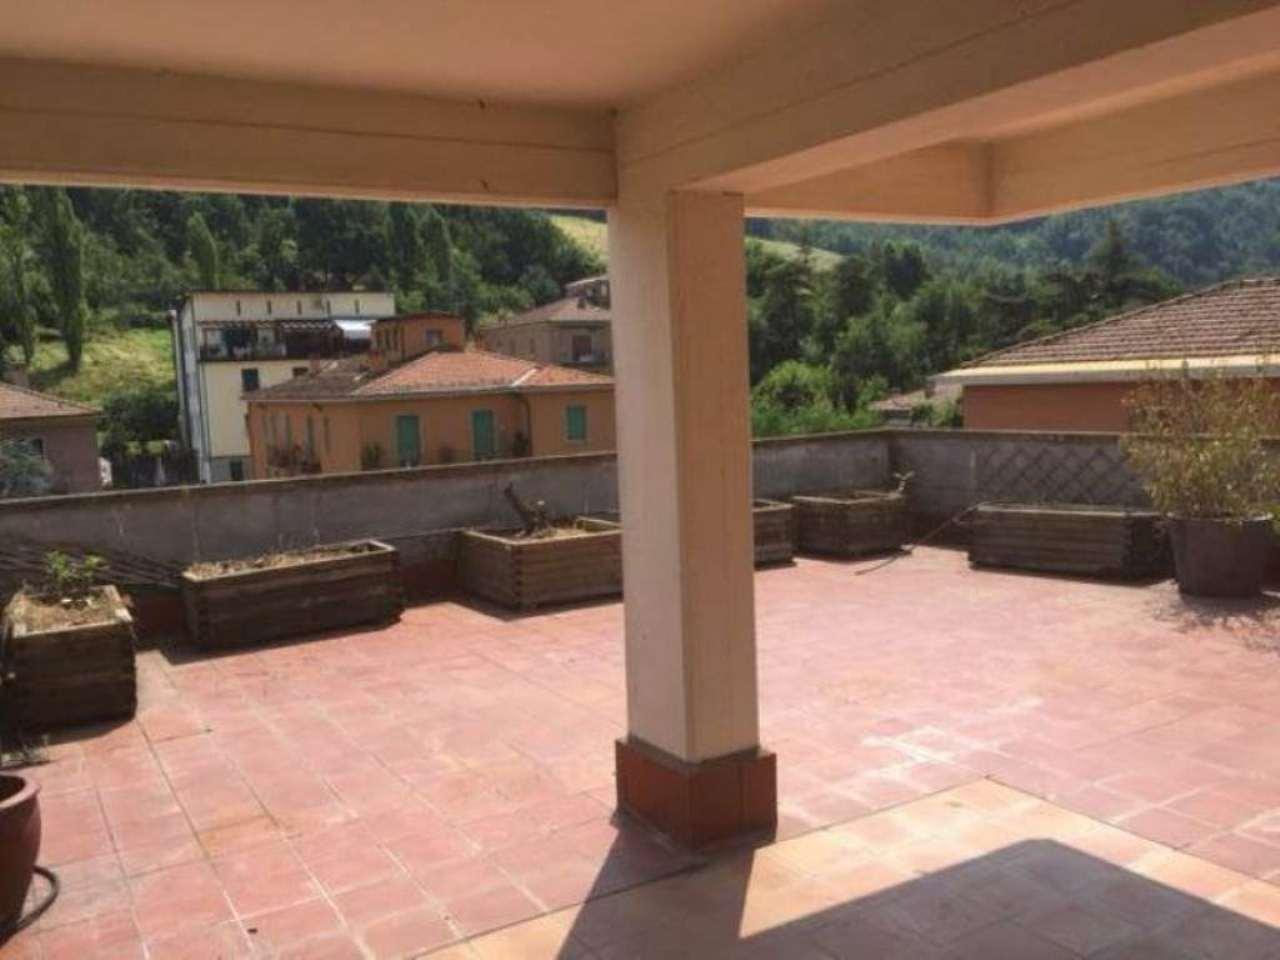 Attico / Mansarda in vendita a Bologna, 4 locali, zona Zona: 10 . Colli, San Mamolo, San Luca, Castiglione, Ravone, prezzo € 640.000 | CambioCasa.it